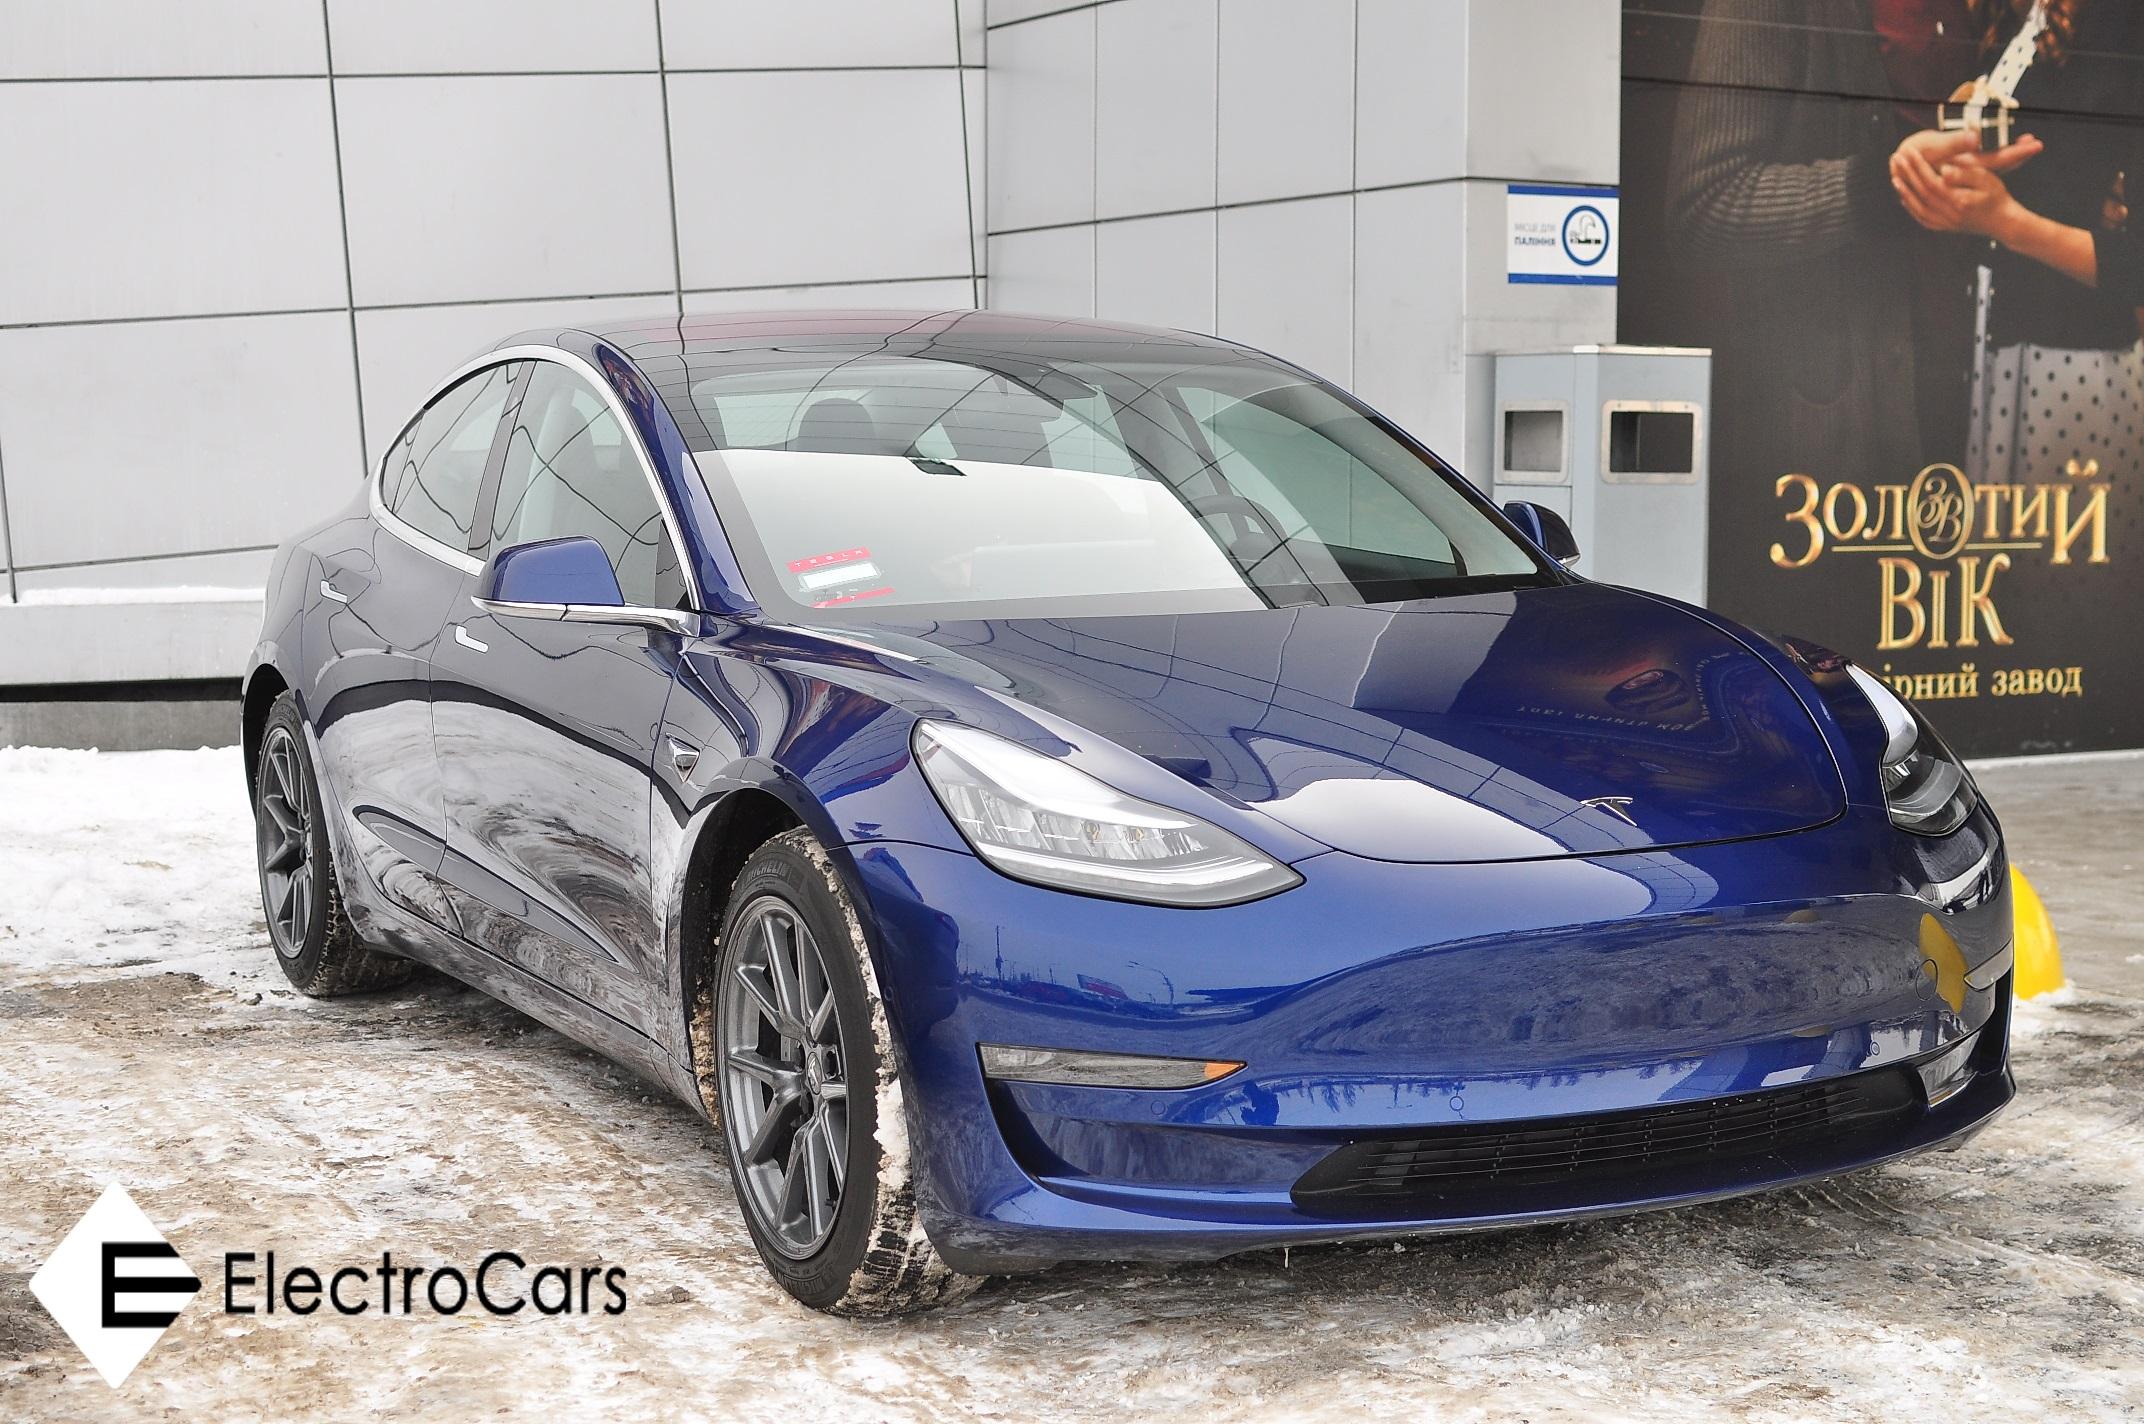 Электрокар Tesla Model 3 впервые появился вУкраине